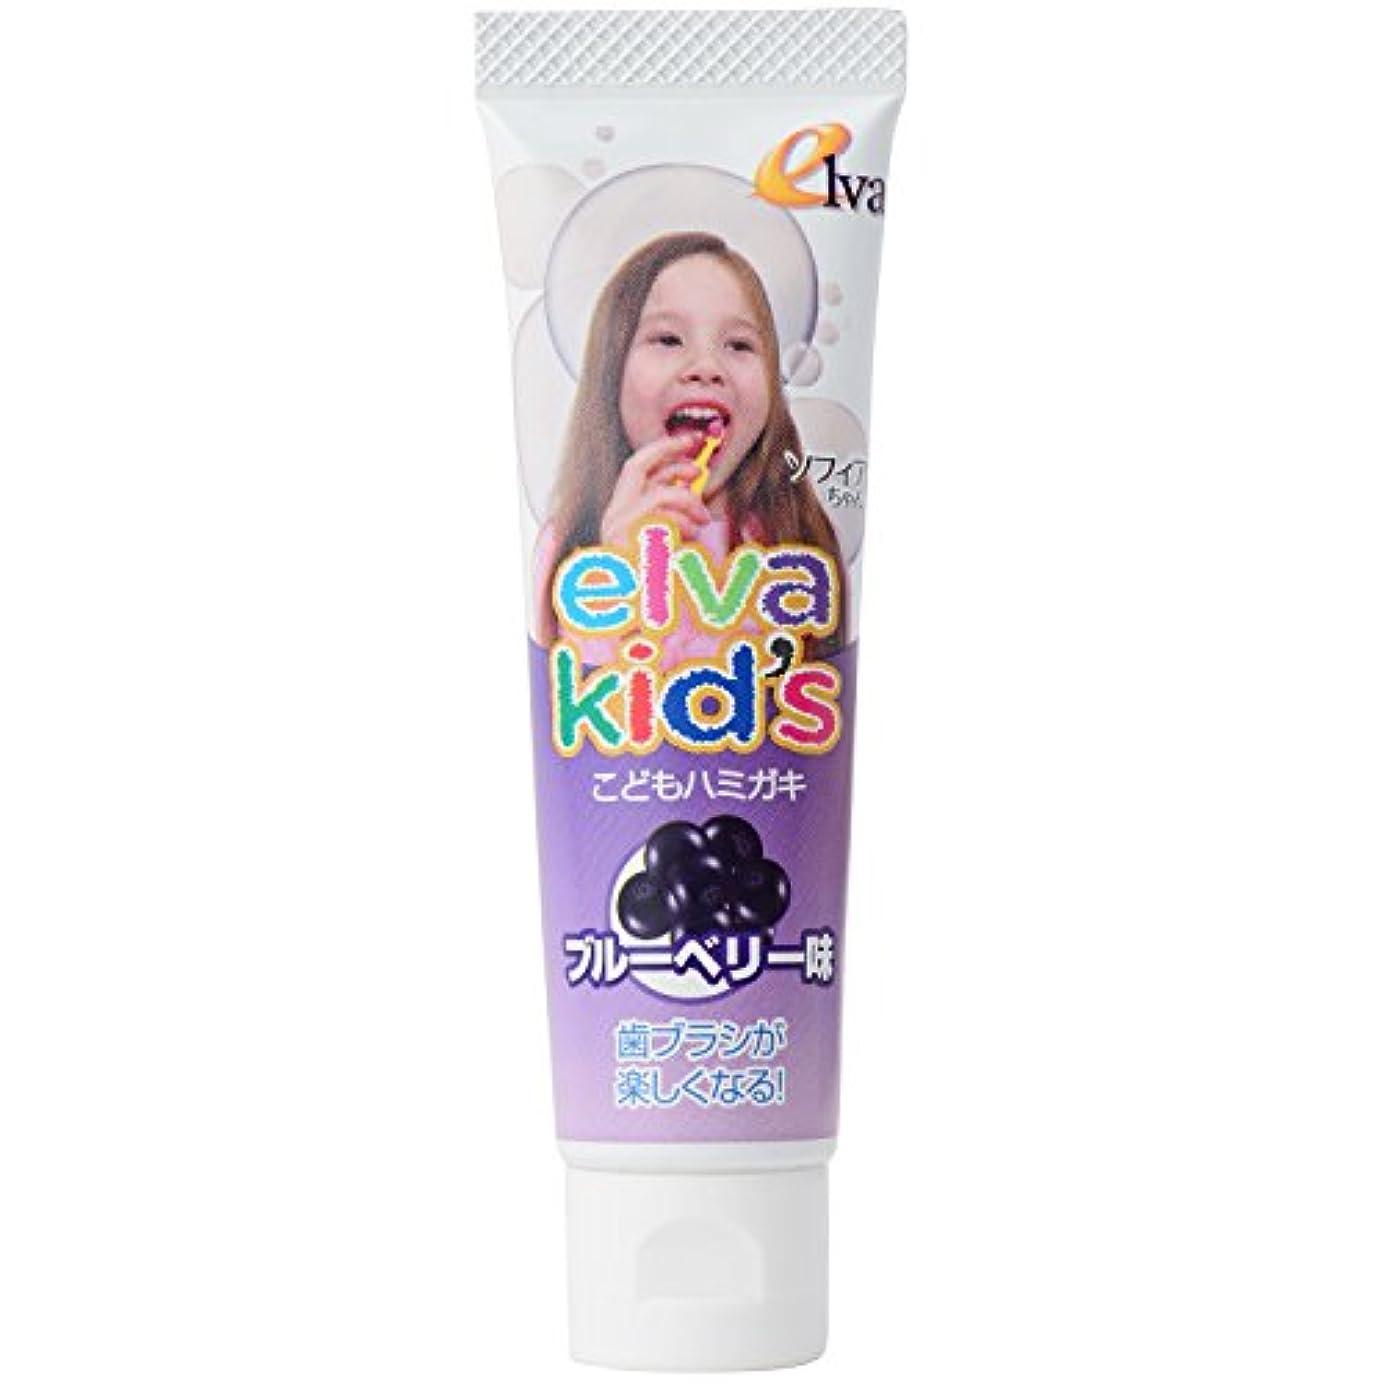 戻す韓国語ぬるいエルバキッズ お母さんも安心のこだわりの歯磨き粉 フッ素なし ブルーベリー味 2個セット